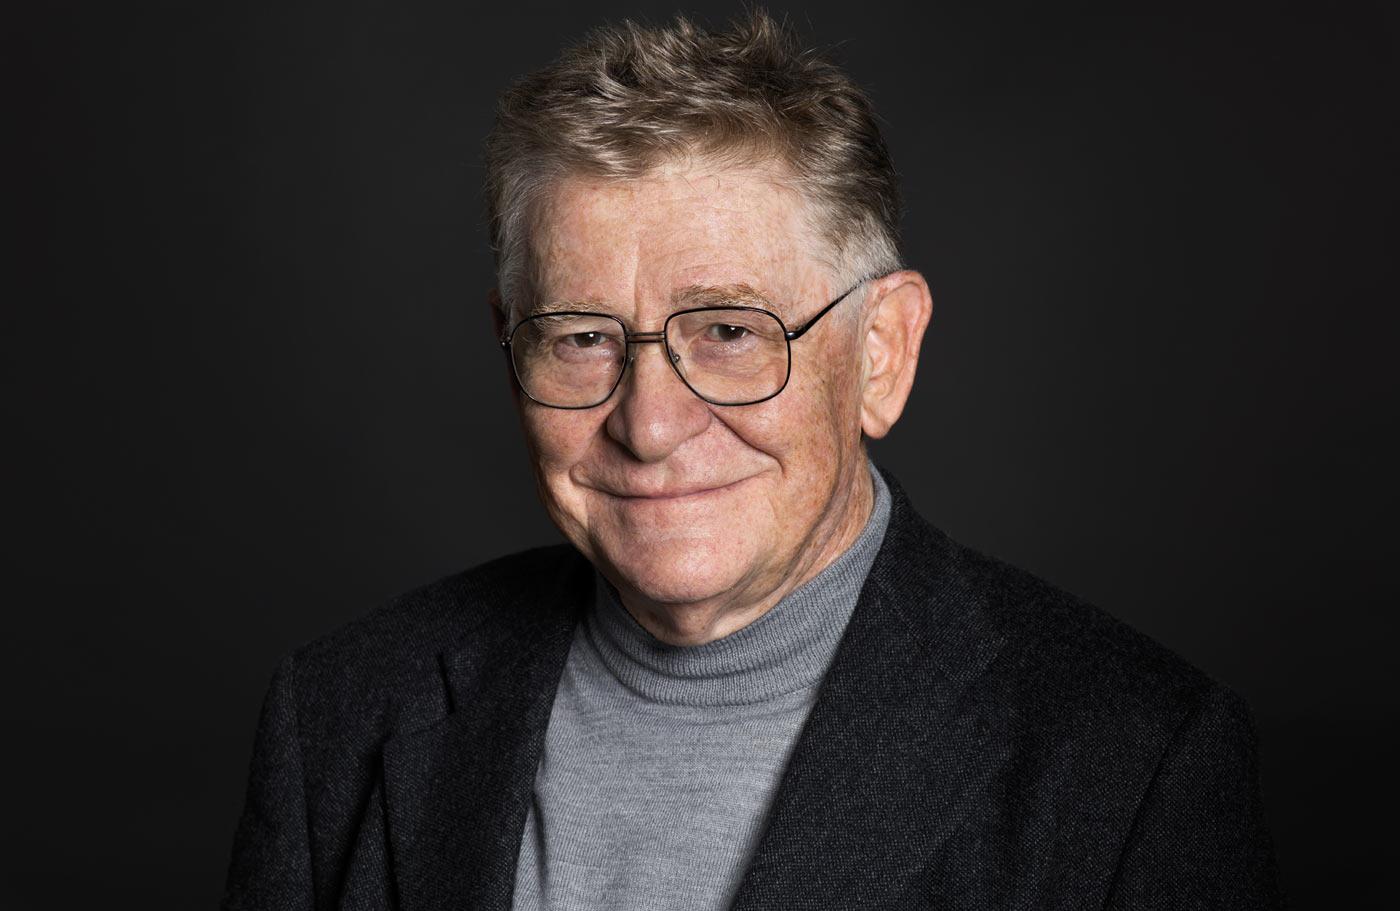 Addio al regista Ermanno Olmi, se n'è andato nella notte di domenica ad Asiago. Aveva 86 anni